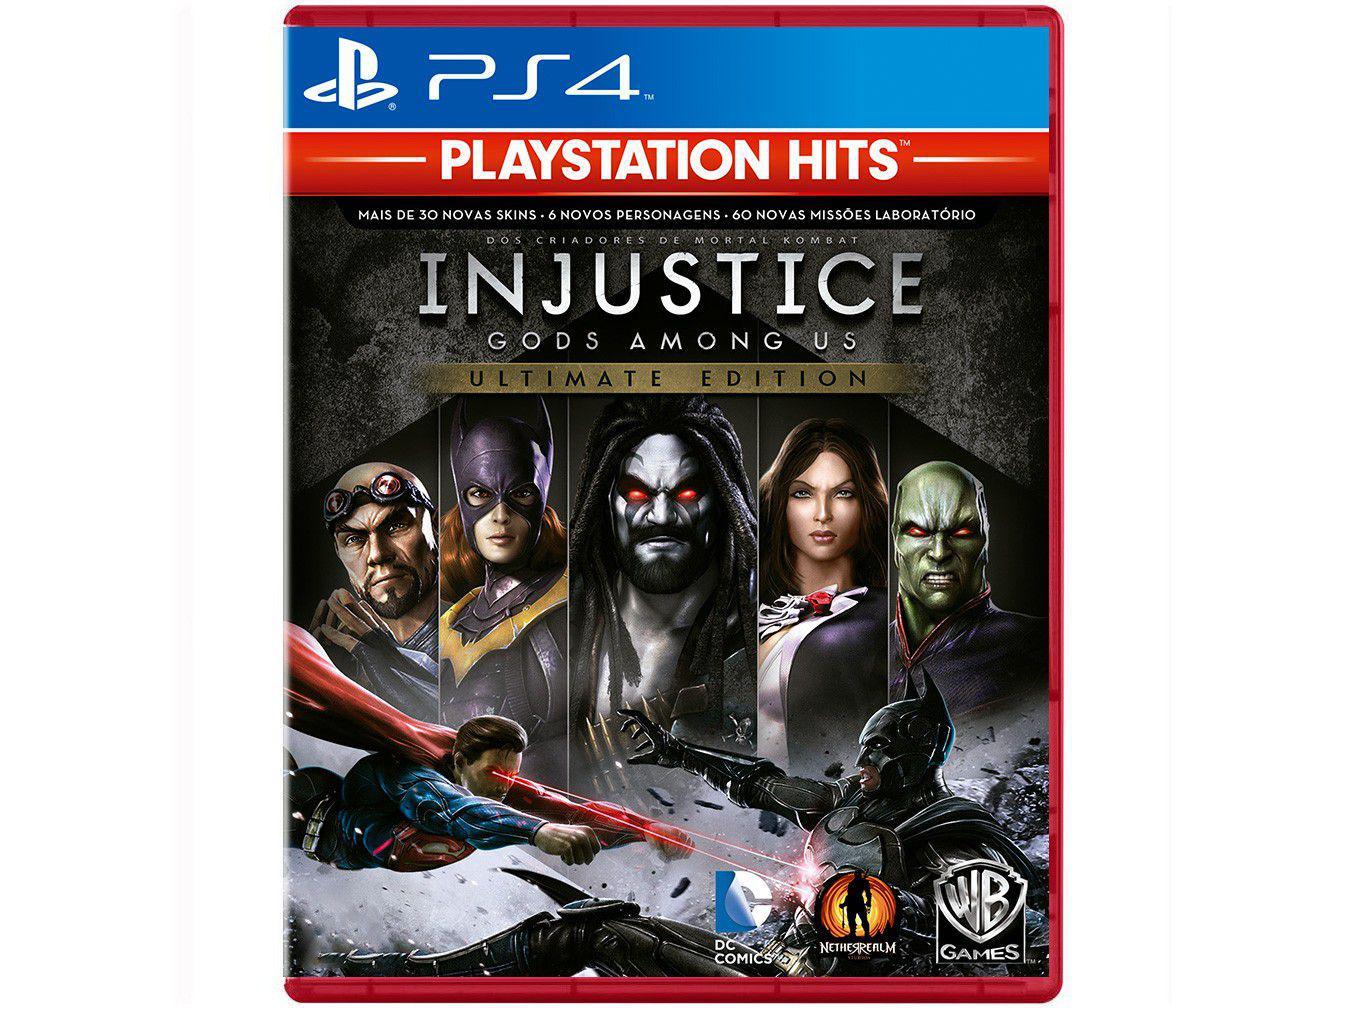 Injustice Gods Among Us Ultimate Edition para PS4 - WB Games PlayStation Hits